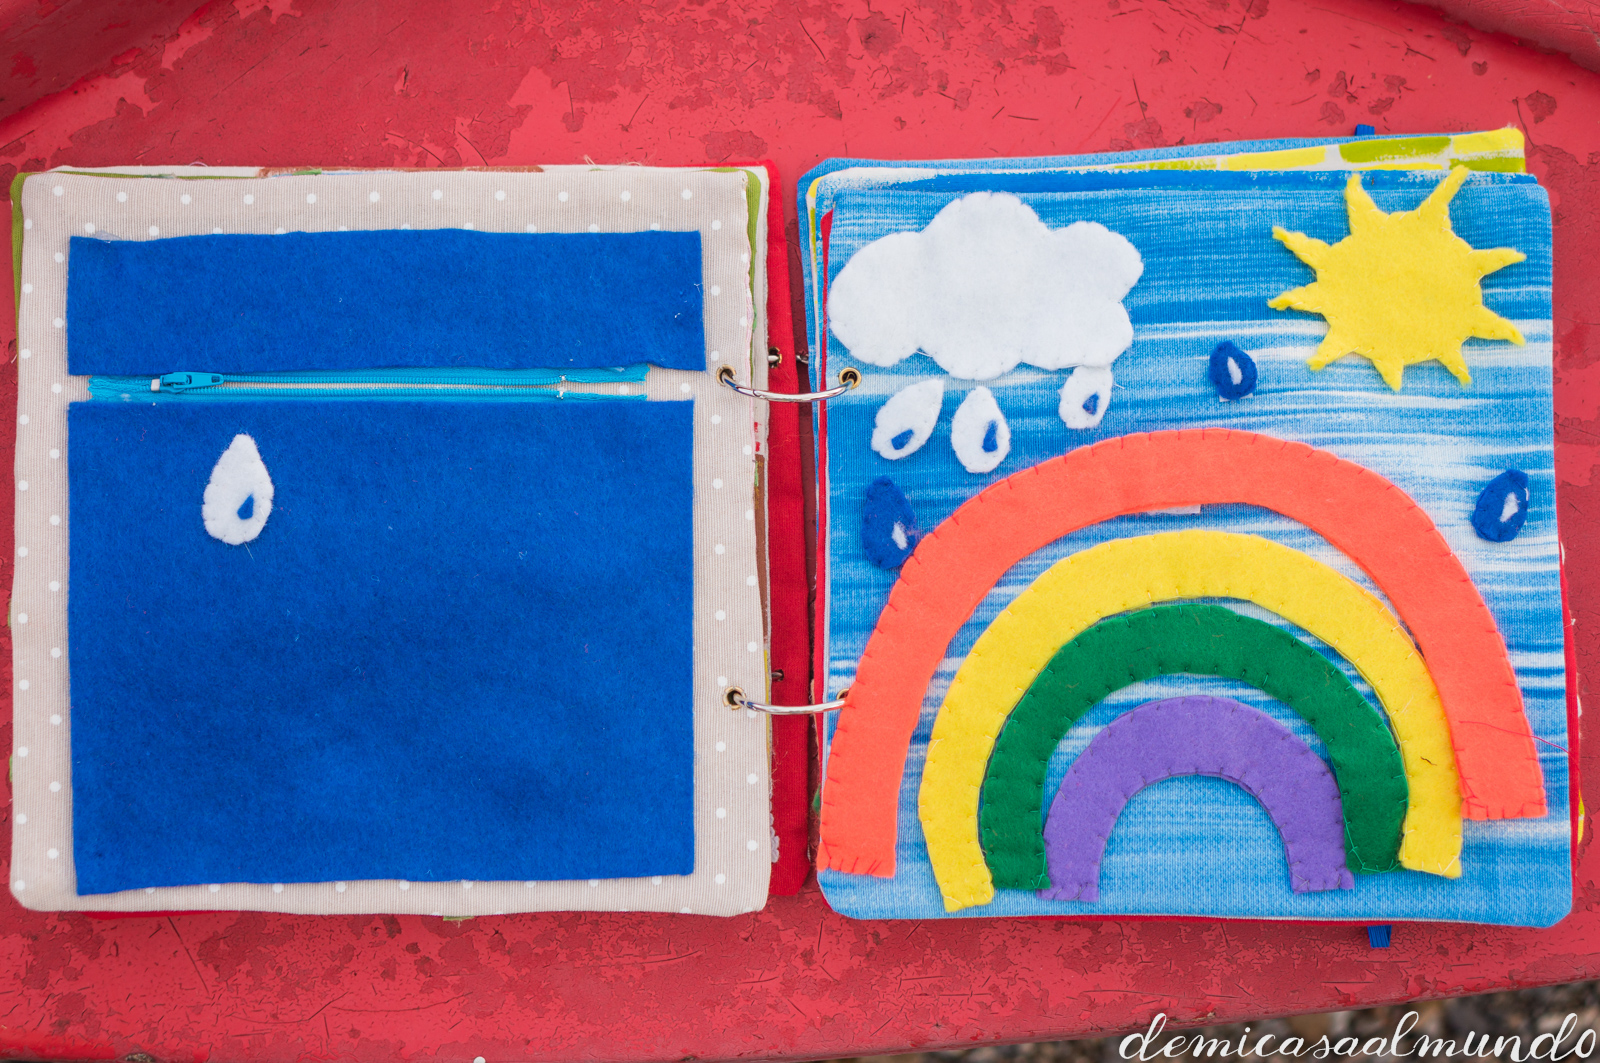 Libros sensoriales de inspiración Montessori | De mi casa al mundo